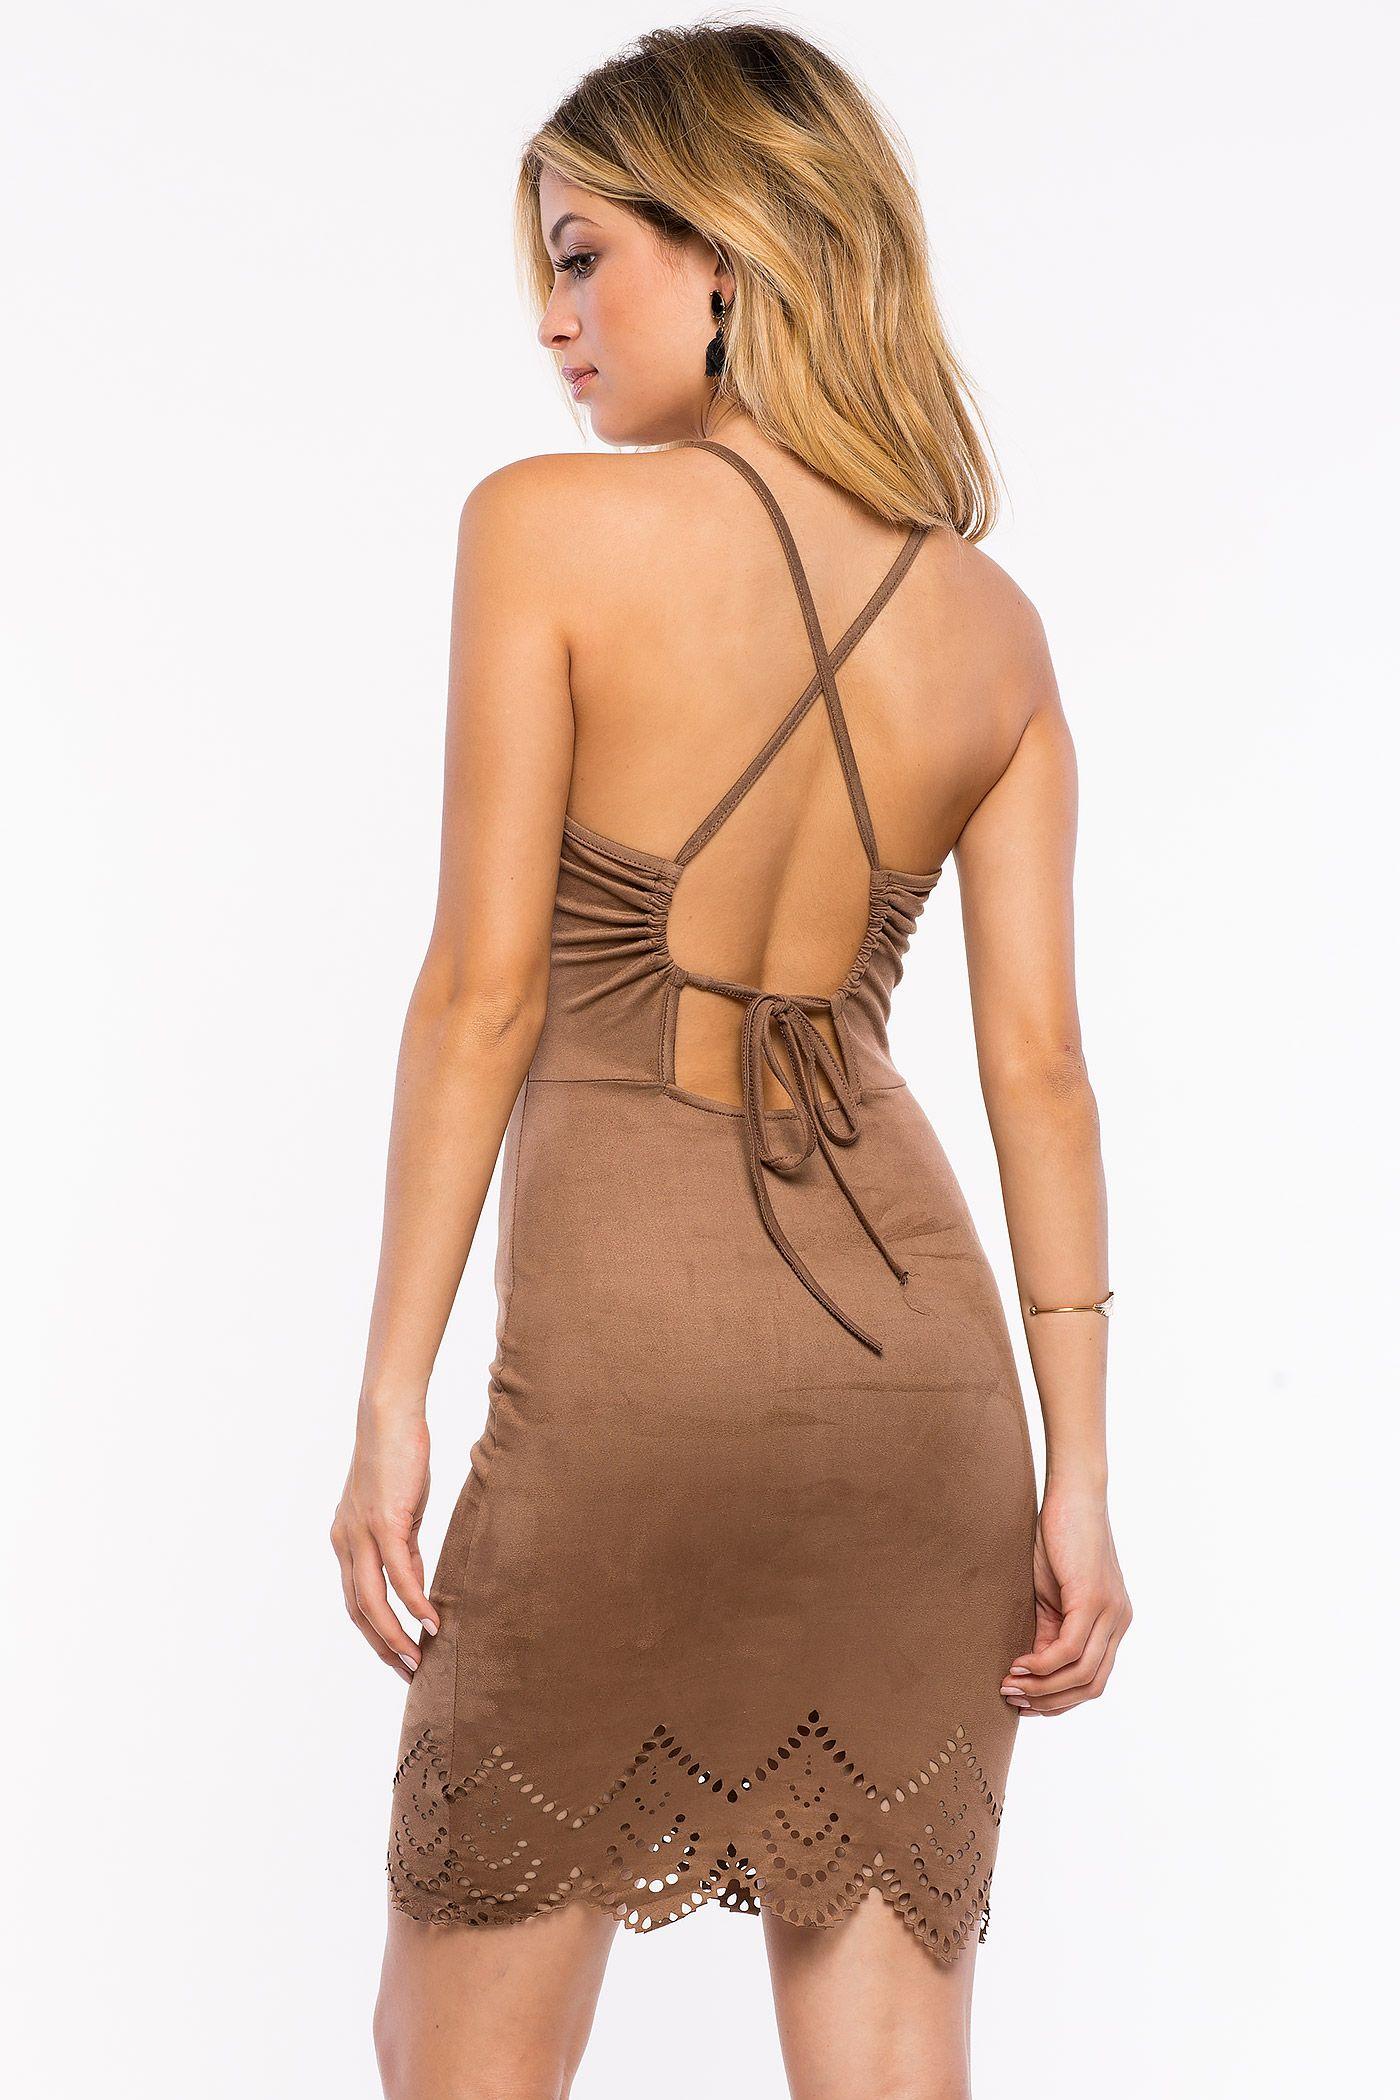 Замшевое платье Размеры: S, M, L Цвет: бежевый Цена: 1693 руб.  #одежда #женщинам #платья #коопт